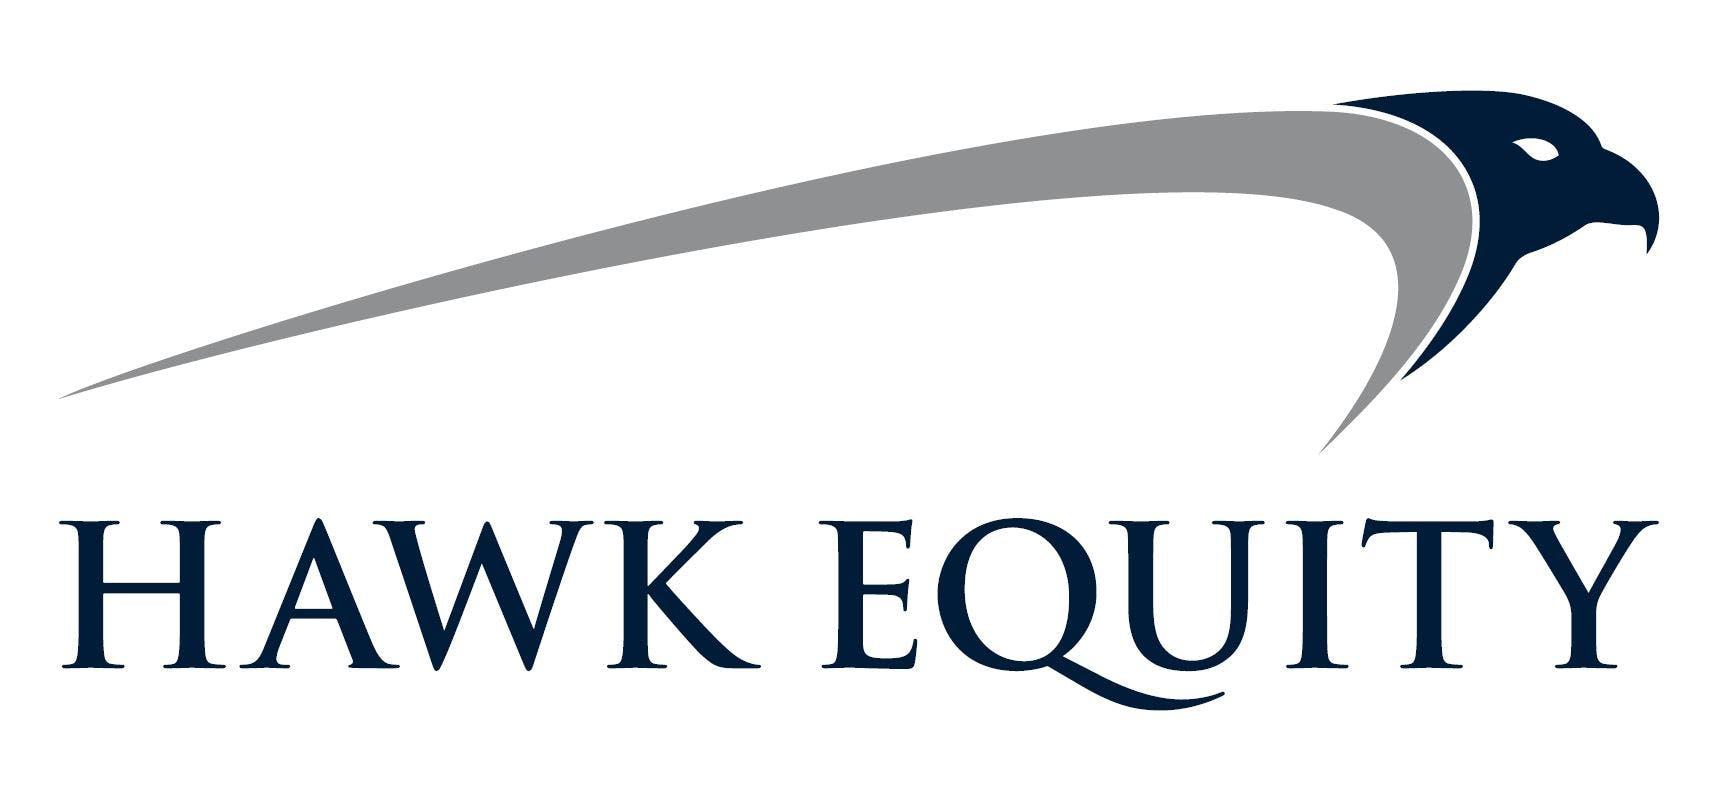 hawk Equity 1 snip.JPG